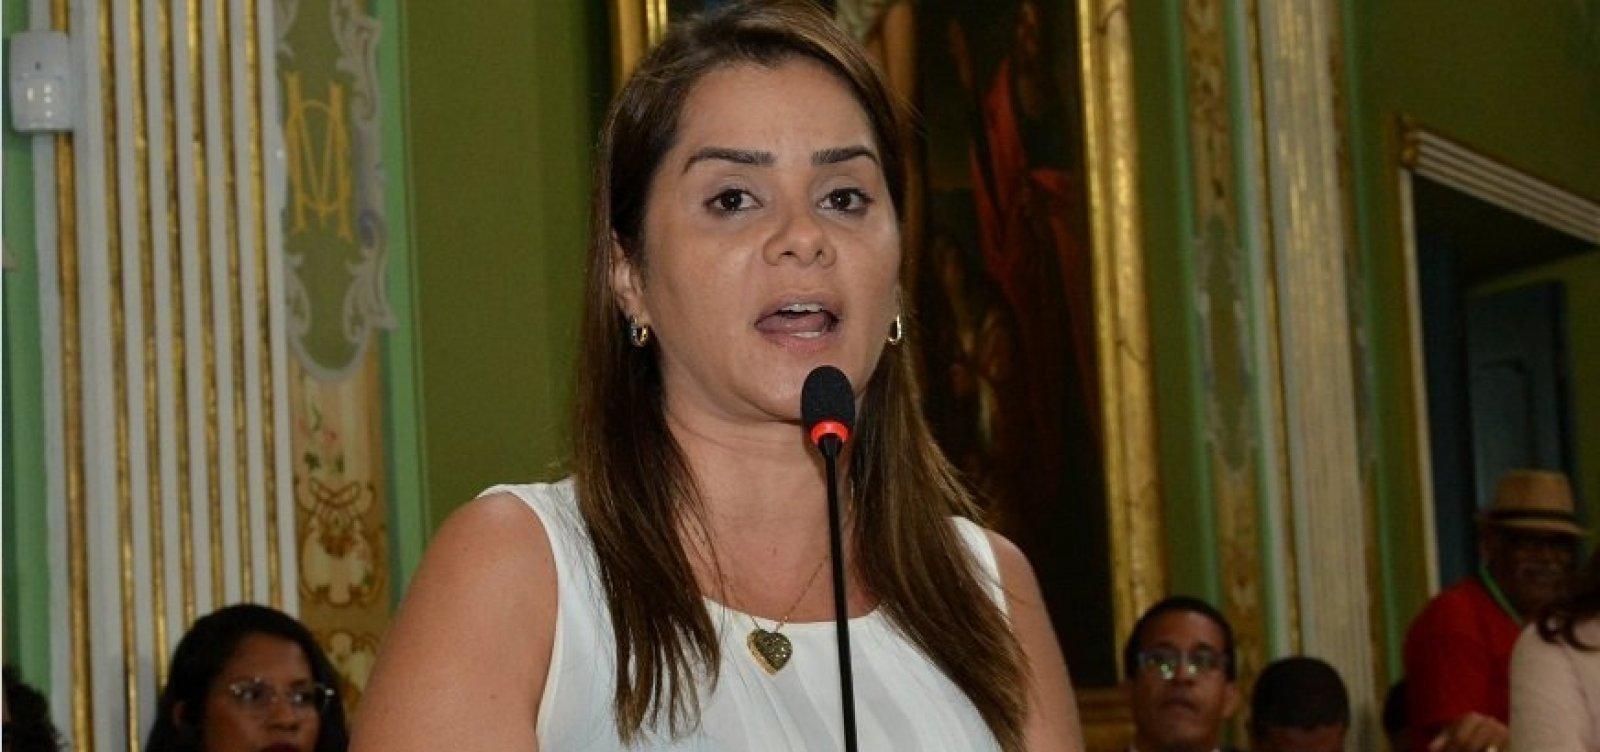 ['Criaram um fato monstruoso', diz Lorena Brandão após vazamento de áudio sobre a Lei dos Aplicativos]